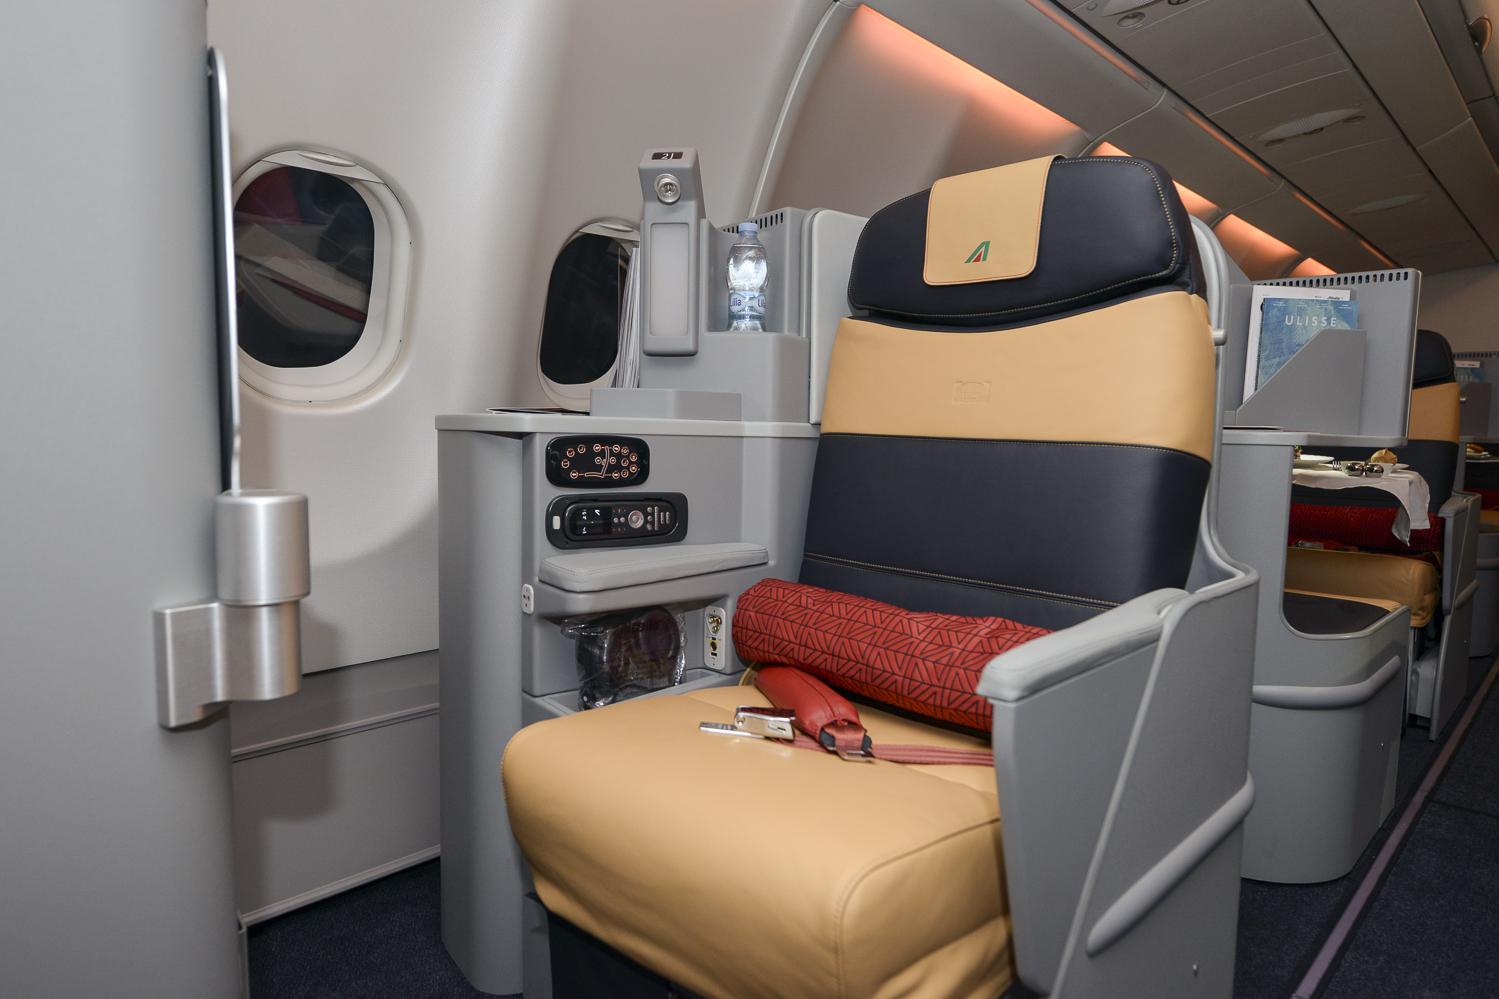 Interno di un Airbus A330 della flotta lungo raggio di Alitalia. La strip LED RGB montata come illuminazione generale favorisce la creazione di suggestioni visive che armonizzano lo stato d'animo dei passeggeri durante il viaggio (Cortesia: Alitalia)